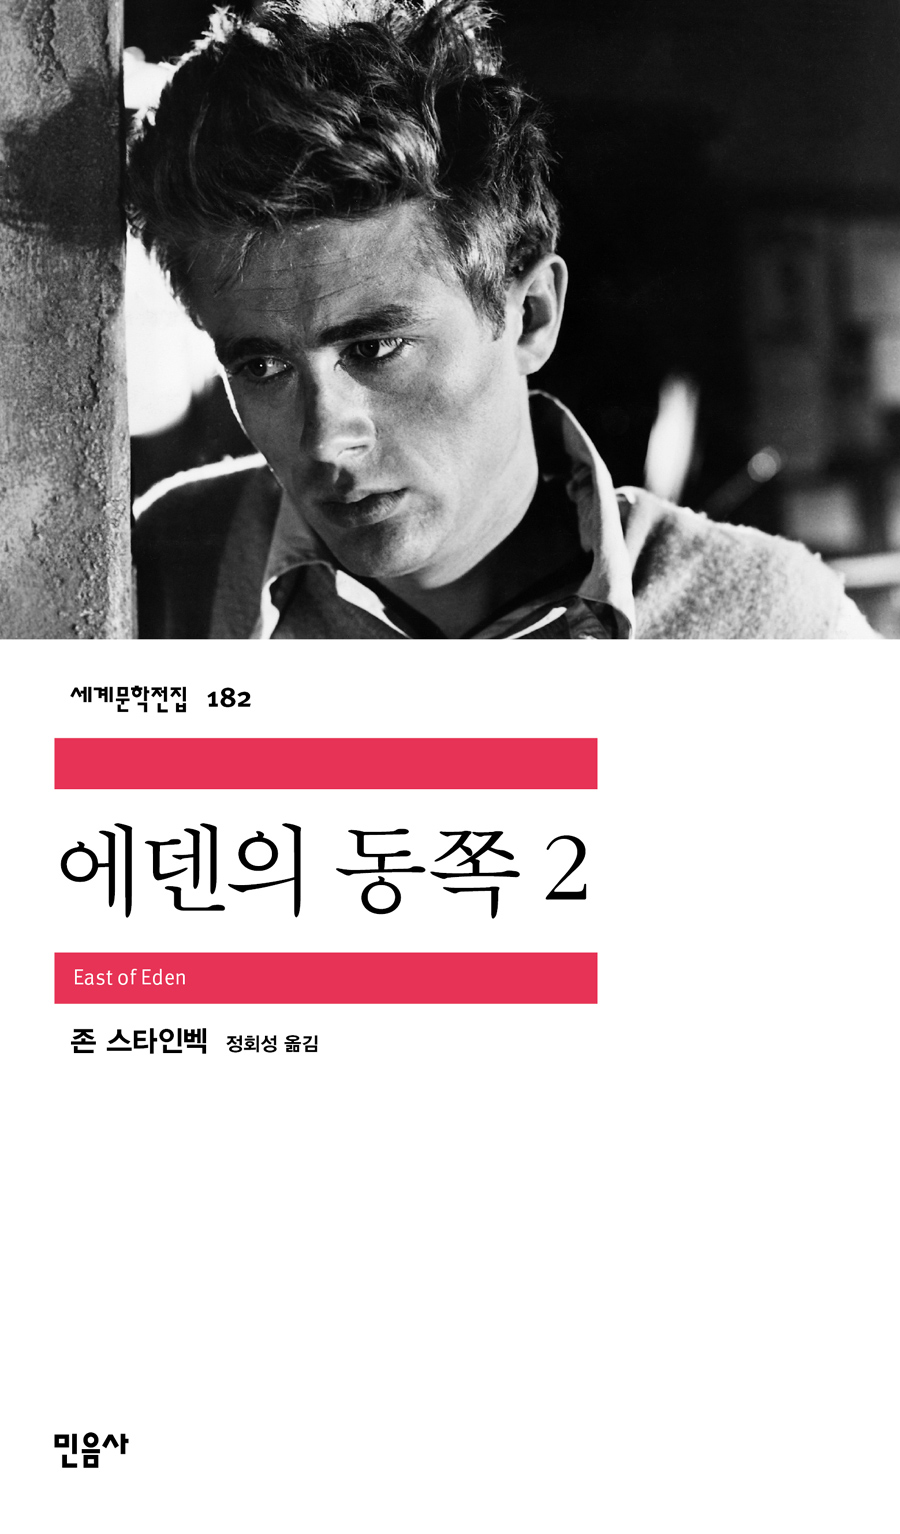 [고전읽기-091] 에덴의 동쪽 (존 스타인벡) 민음사 세계문학 181, 182